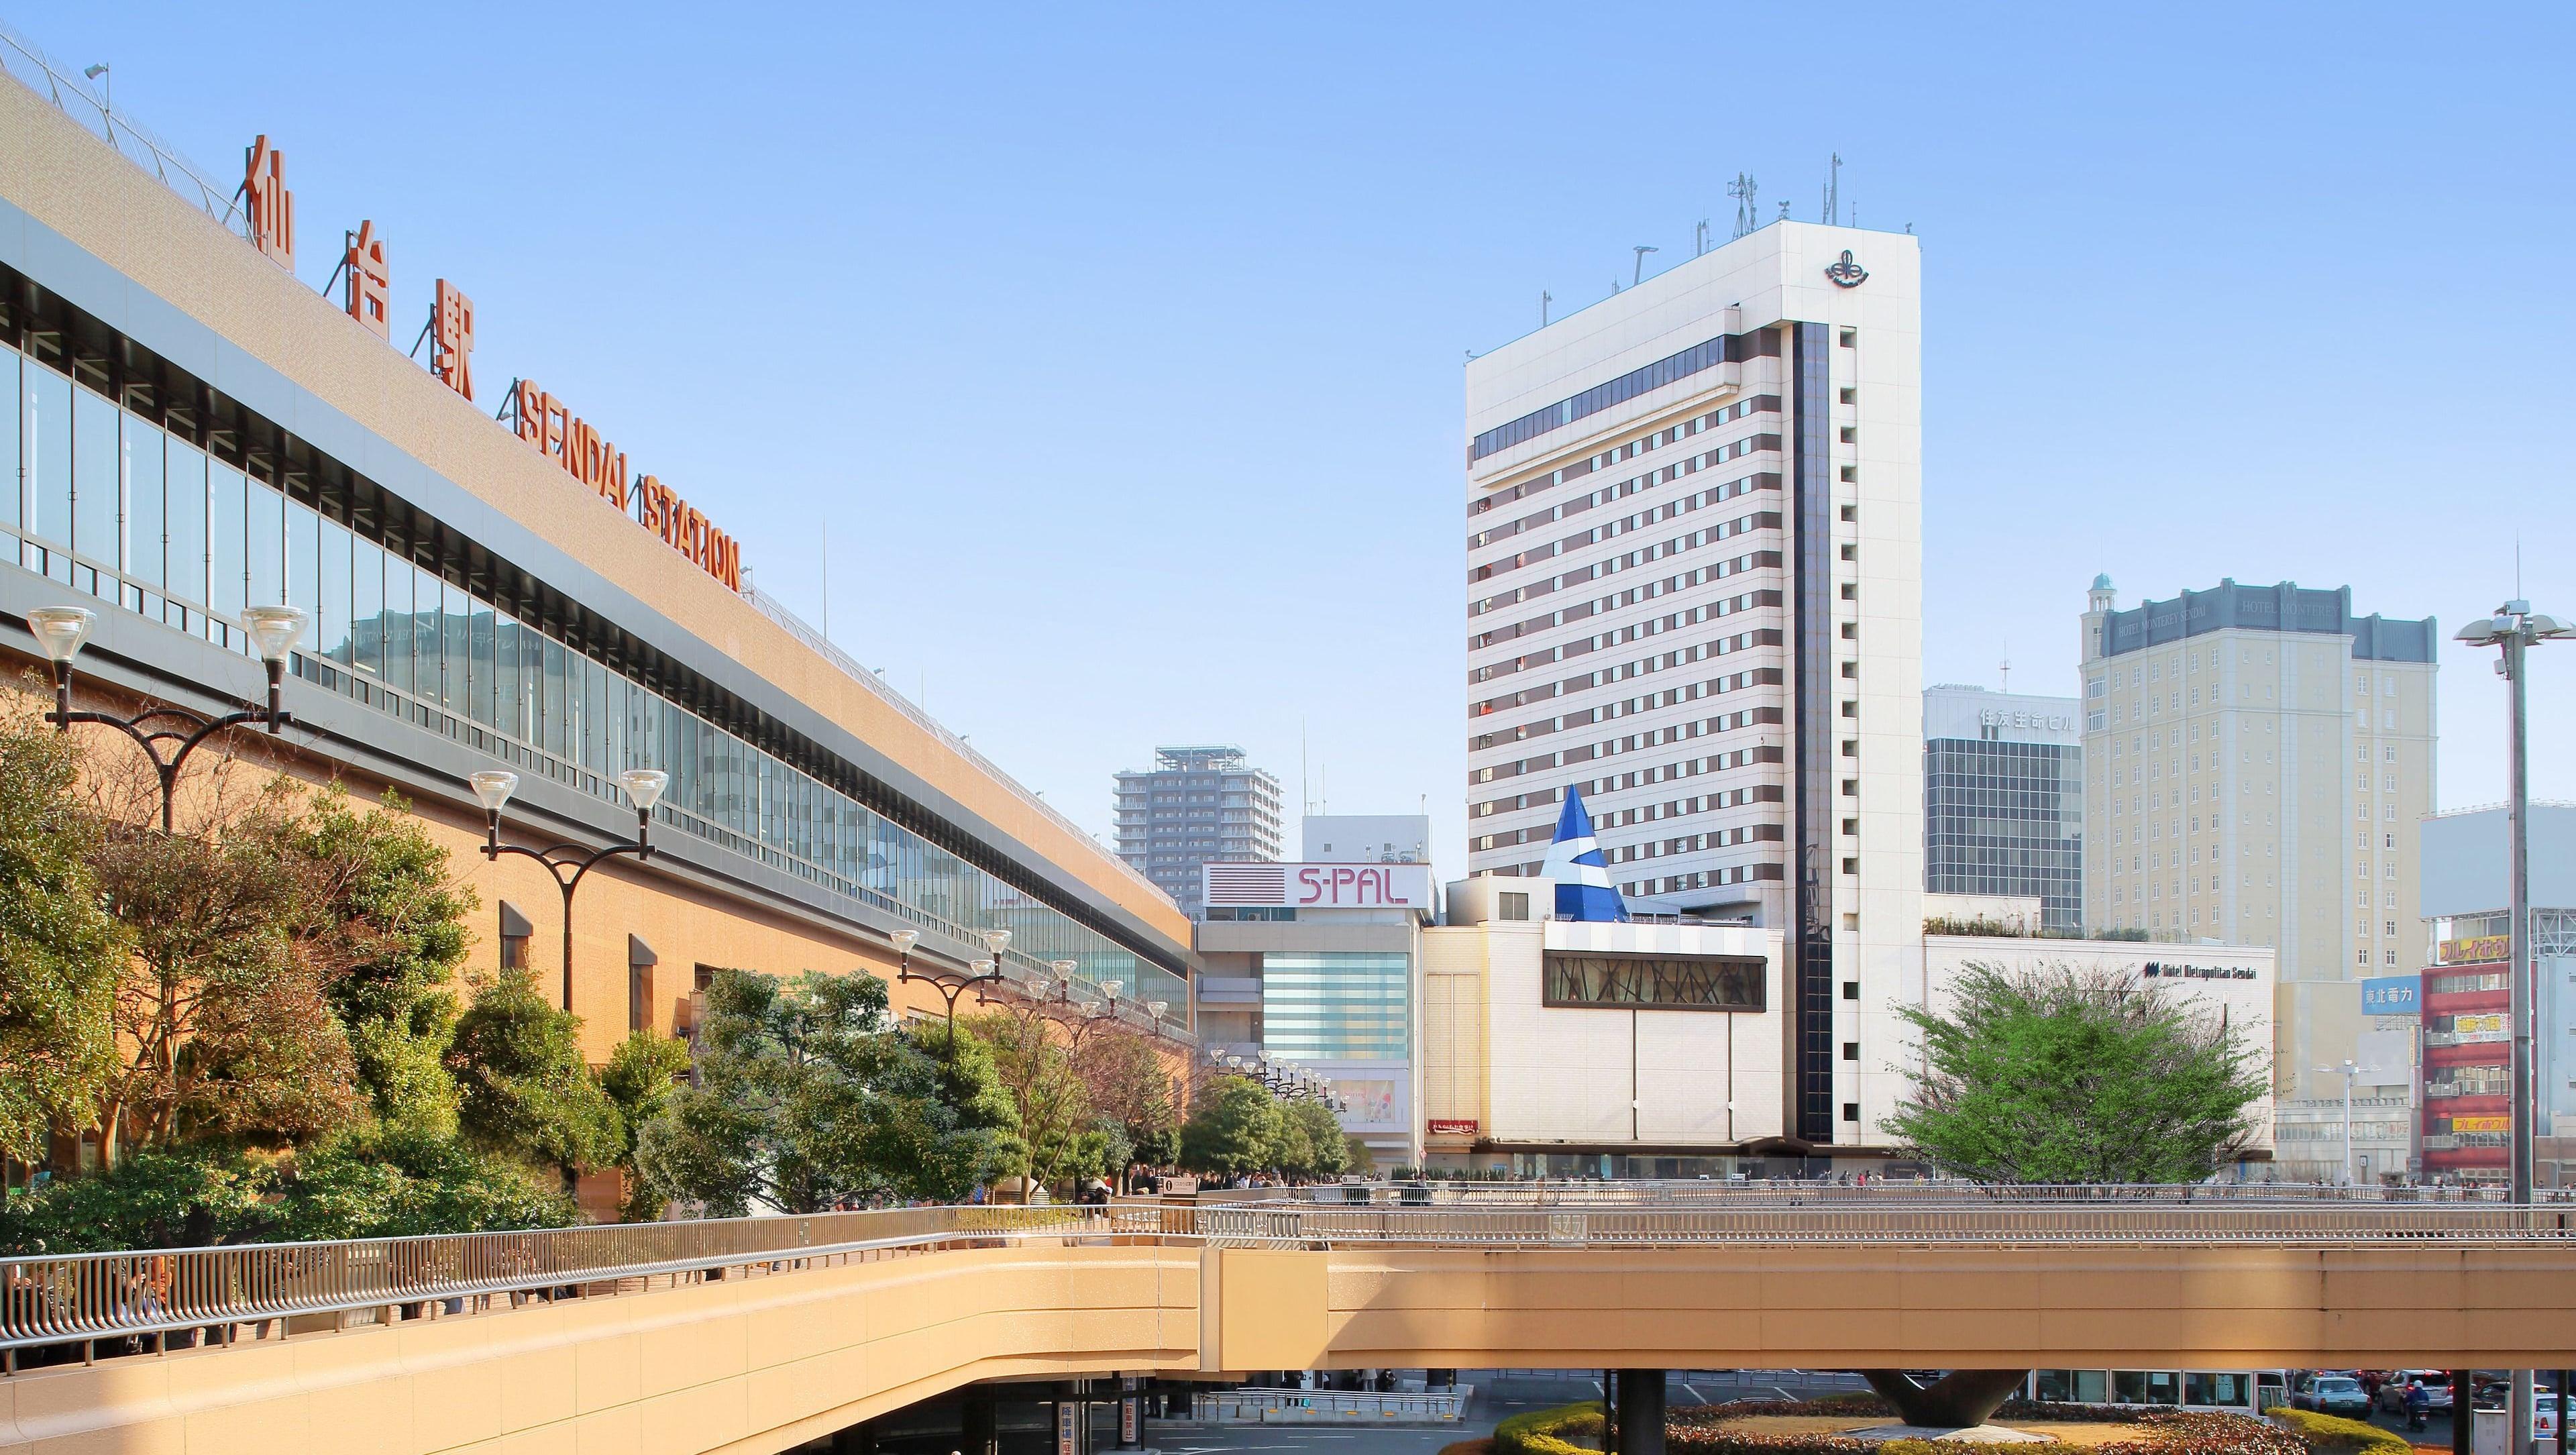 仙台のおすすめホテル10選|駅前・繁華街の老舗から郊外の新顔まで!